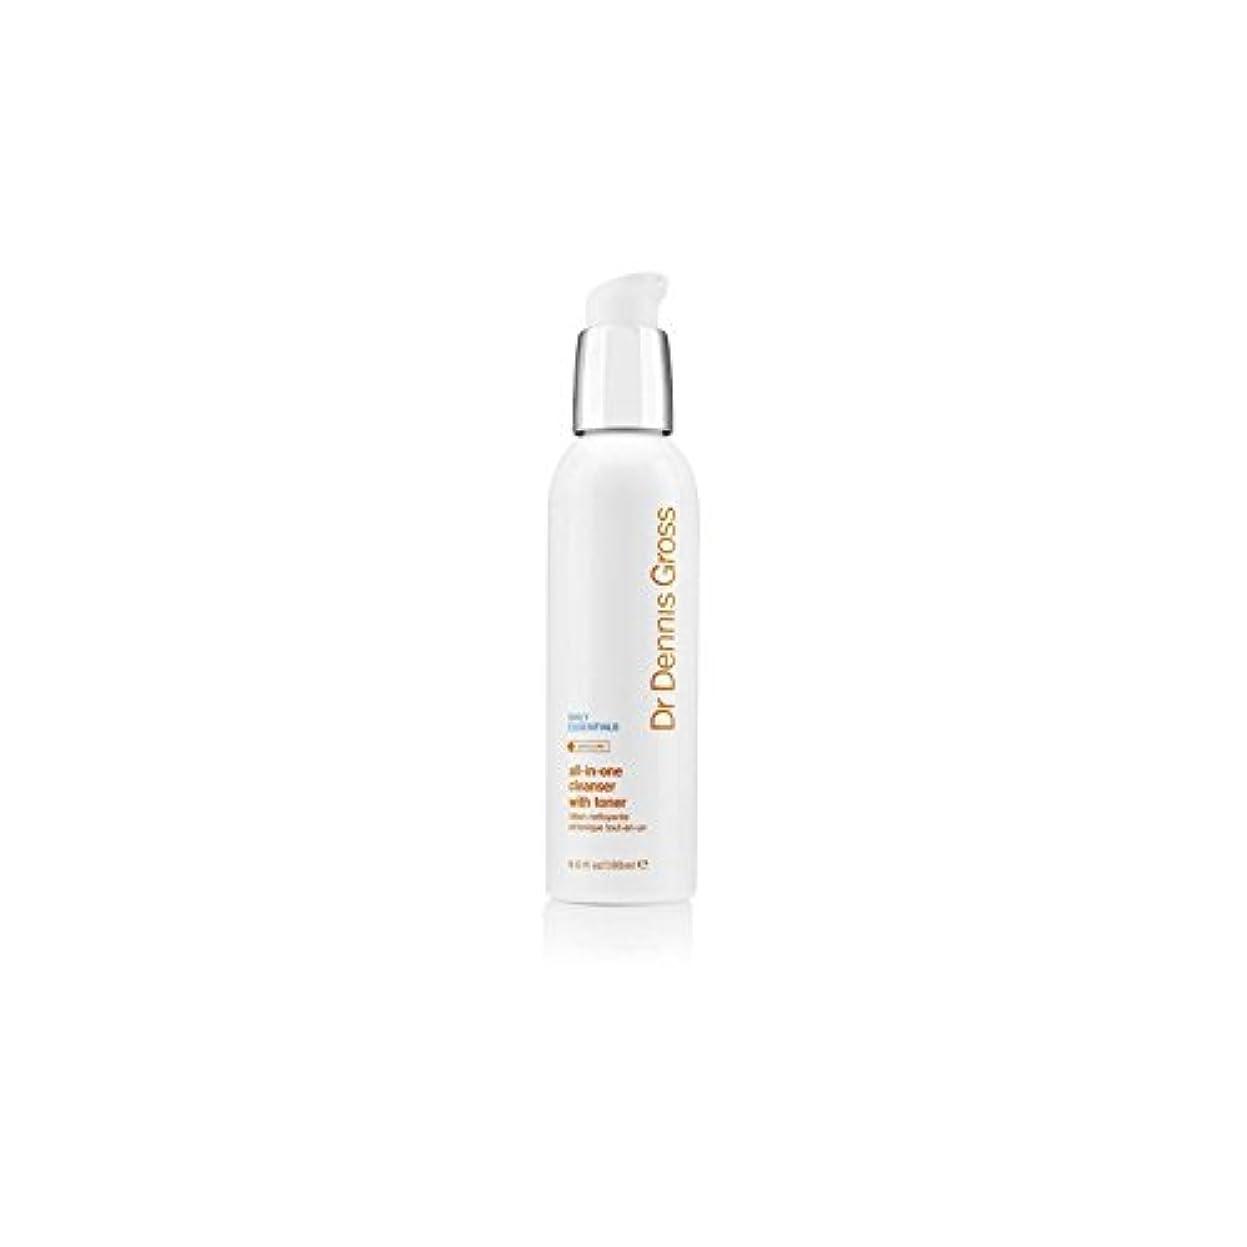 巡礼者フェザーキャラバンデニスグロスオールインワントナー(180ミリリットル)とフェイシャルクレンザー x4 - Dr Dennis Gross All-In-One Facial Cleanser With Toner (180ml) (Pack...